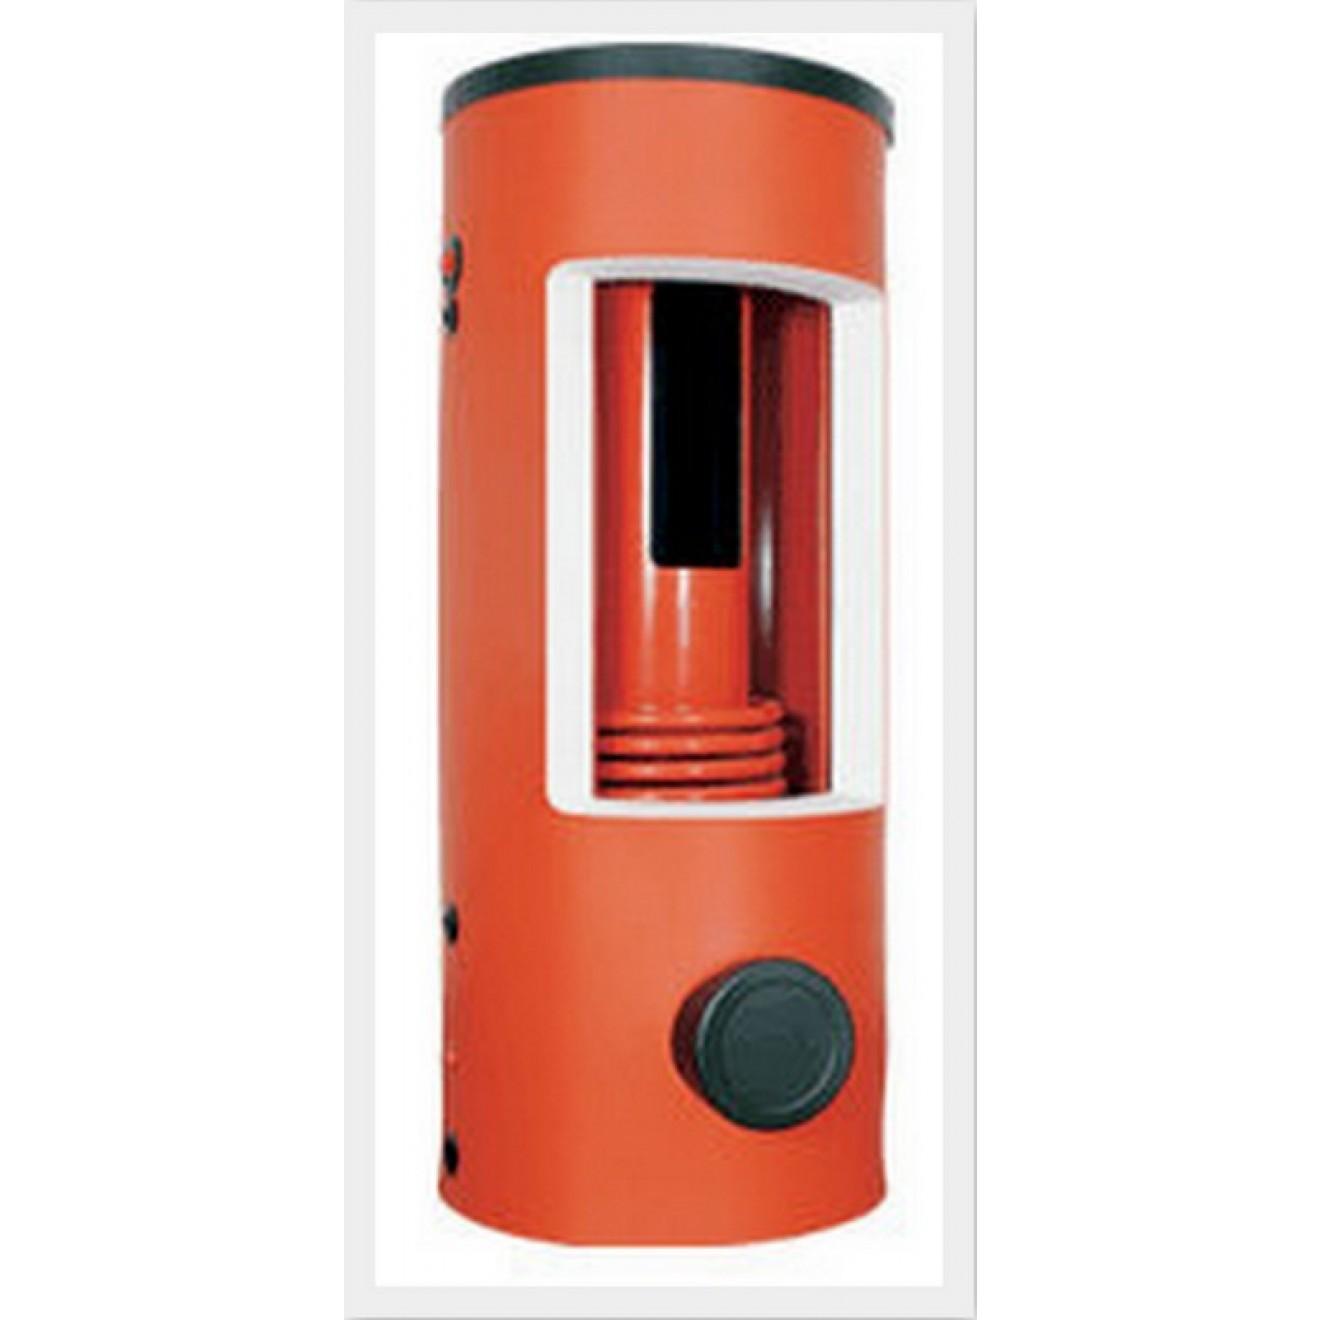 750 liter pufferspeicher mit 1 w rmetauscher und 3 6 kw keramikheizstab g2 energy systems. Black Bedroom Furniture Sets. Home Design Ideas